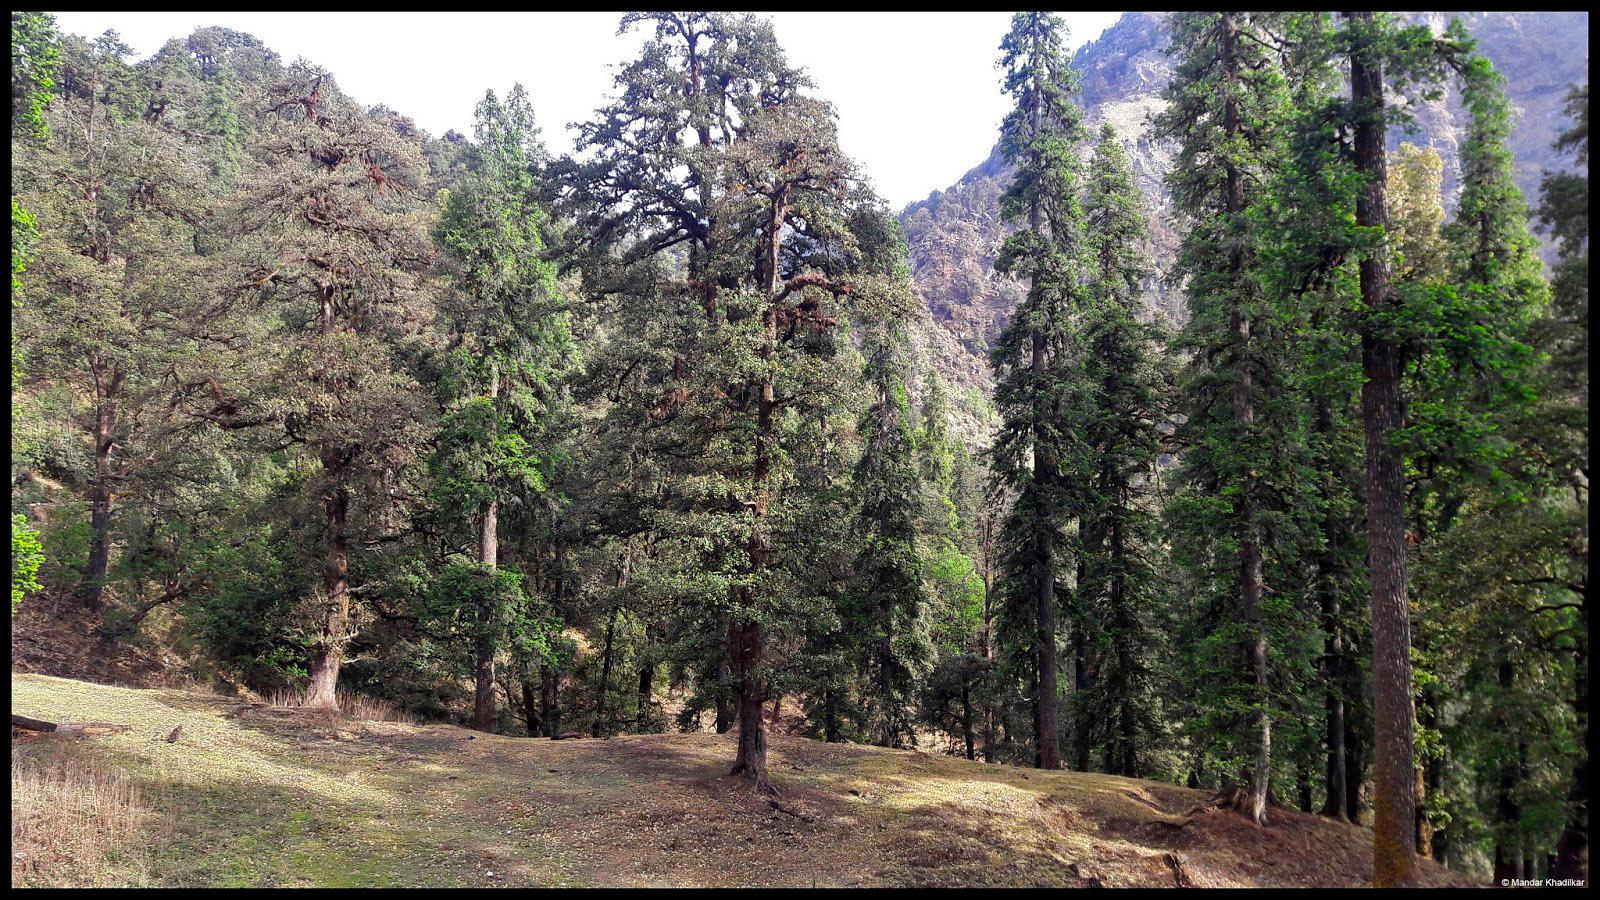 Pine trees_edited